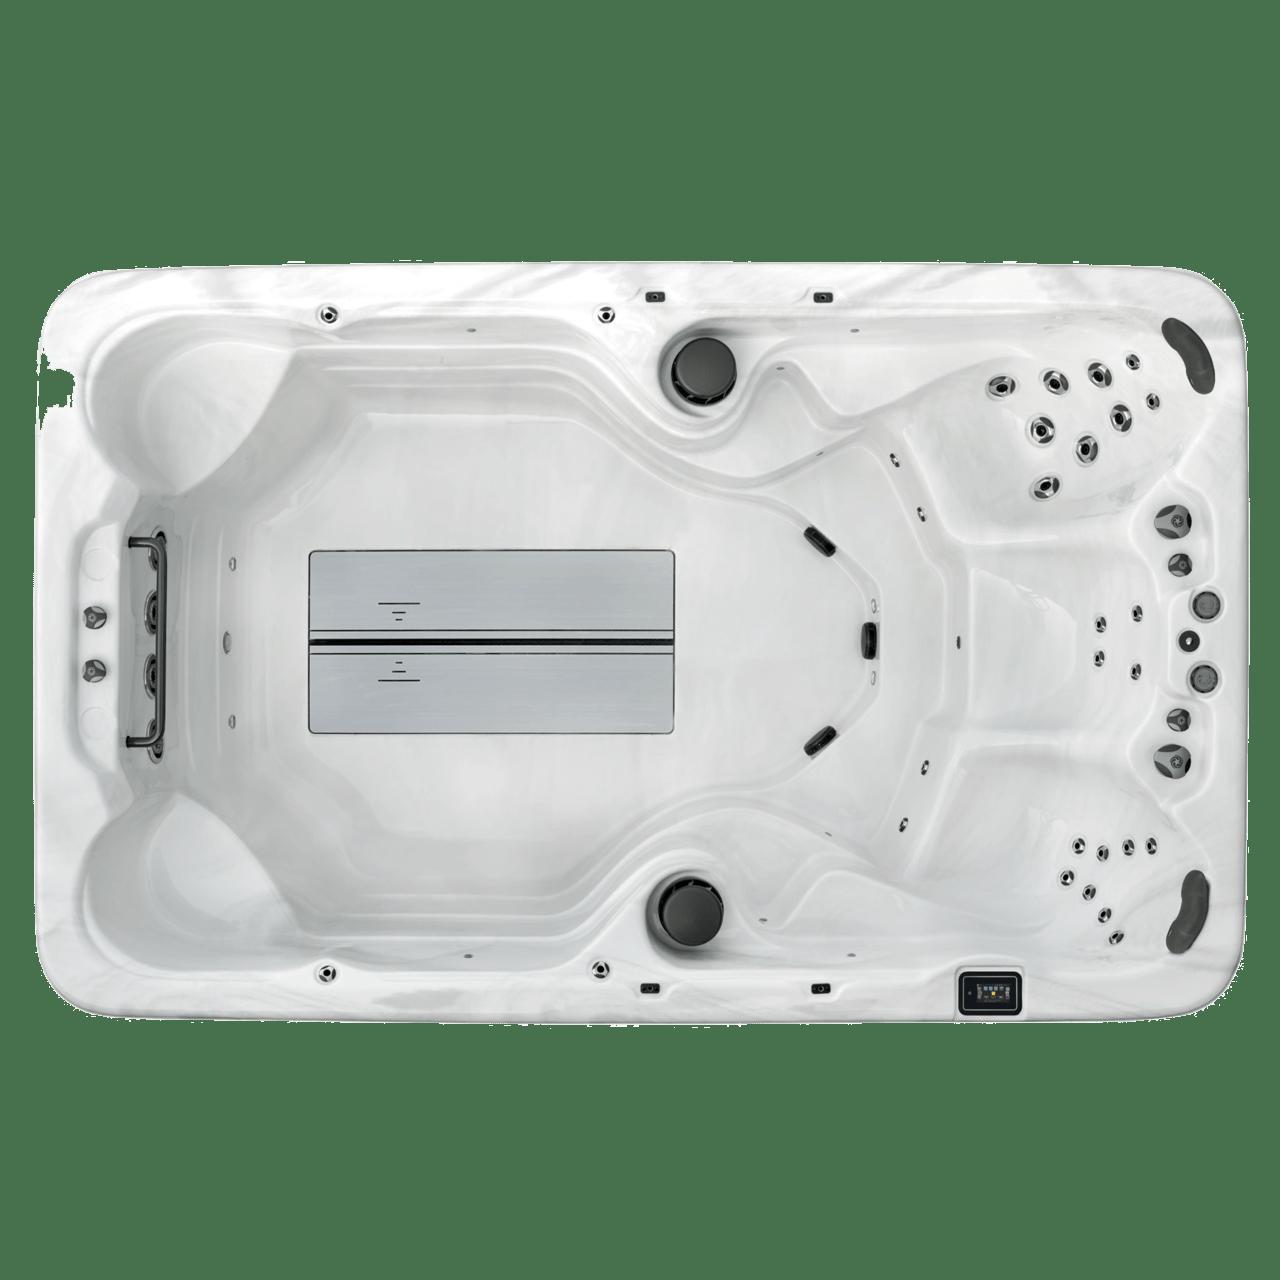 PowerPool RF2 Swim Spa & Hot Tub